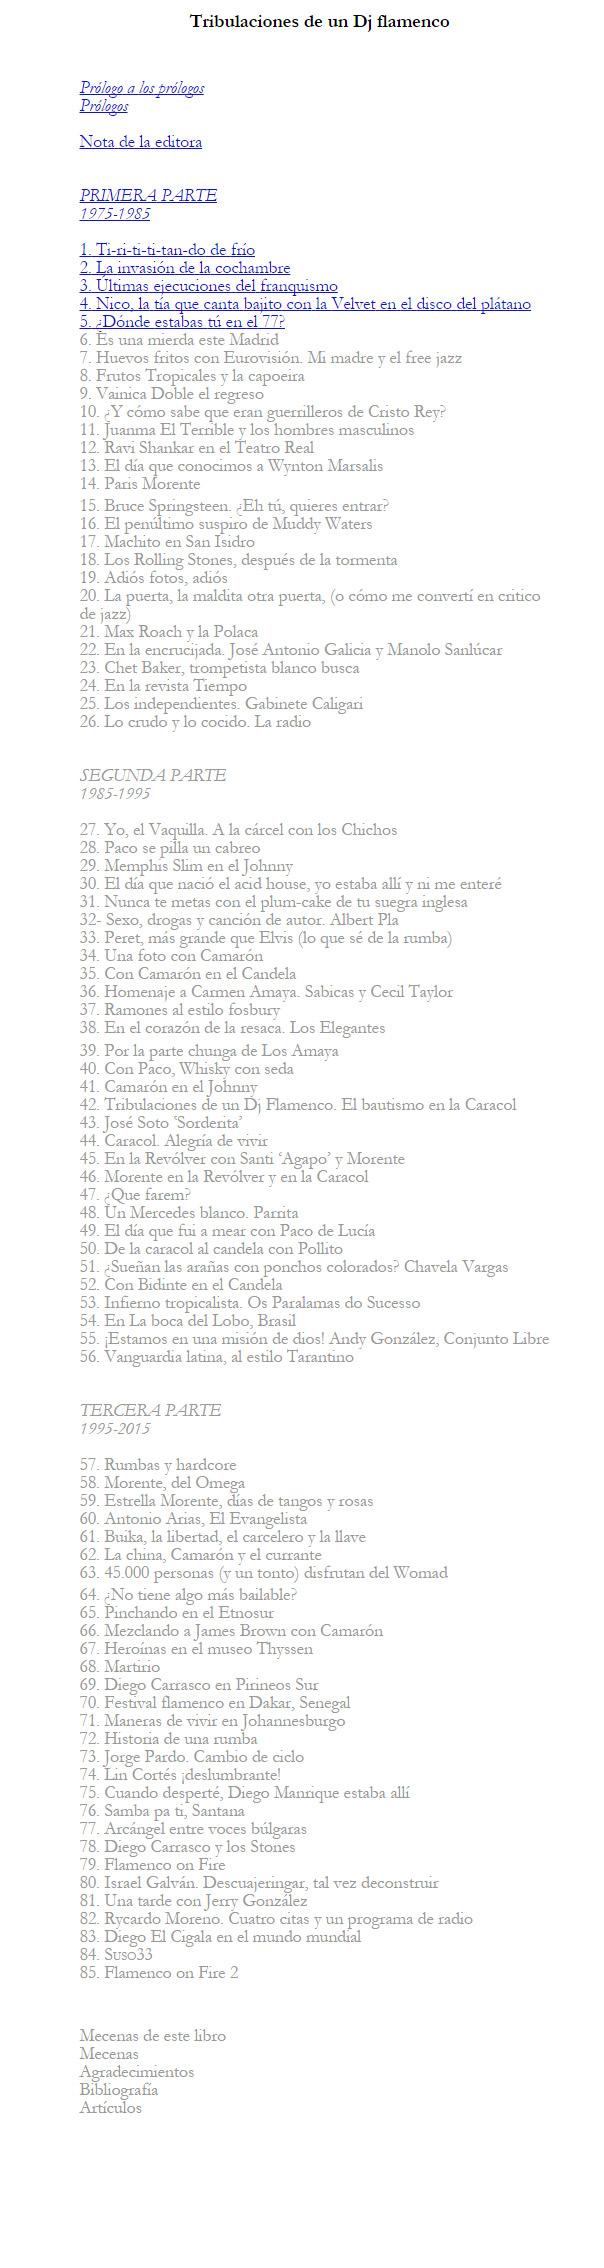 Tribulaciones de un D.J. Flamenco (indice)